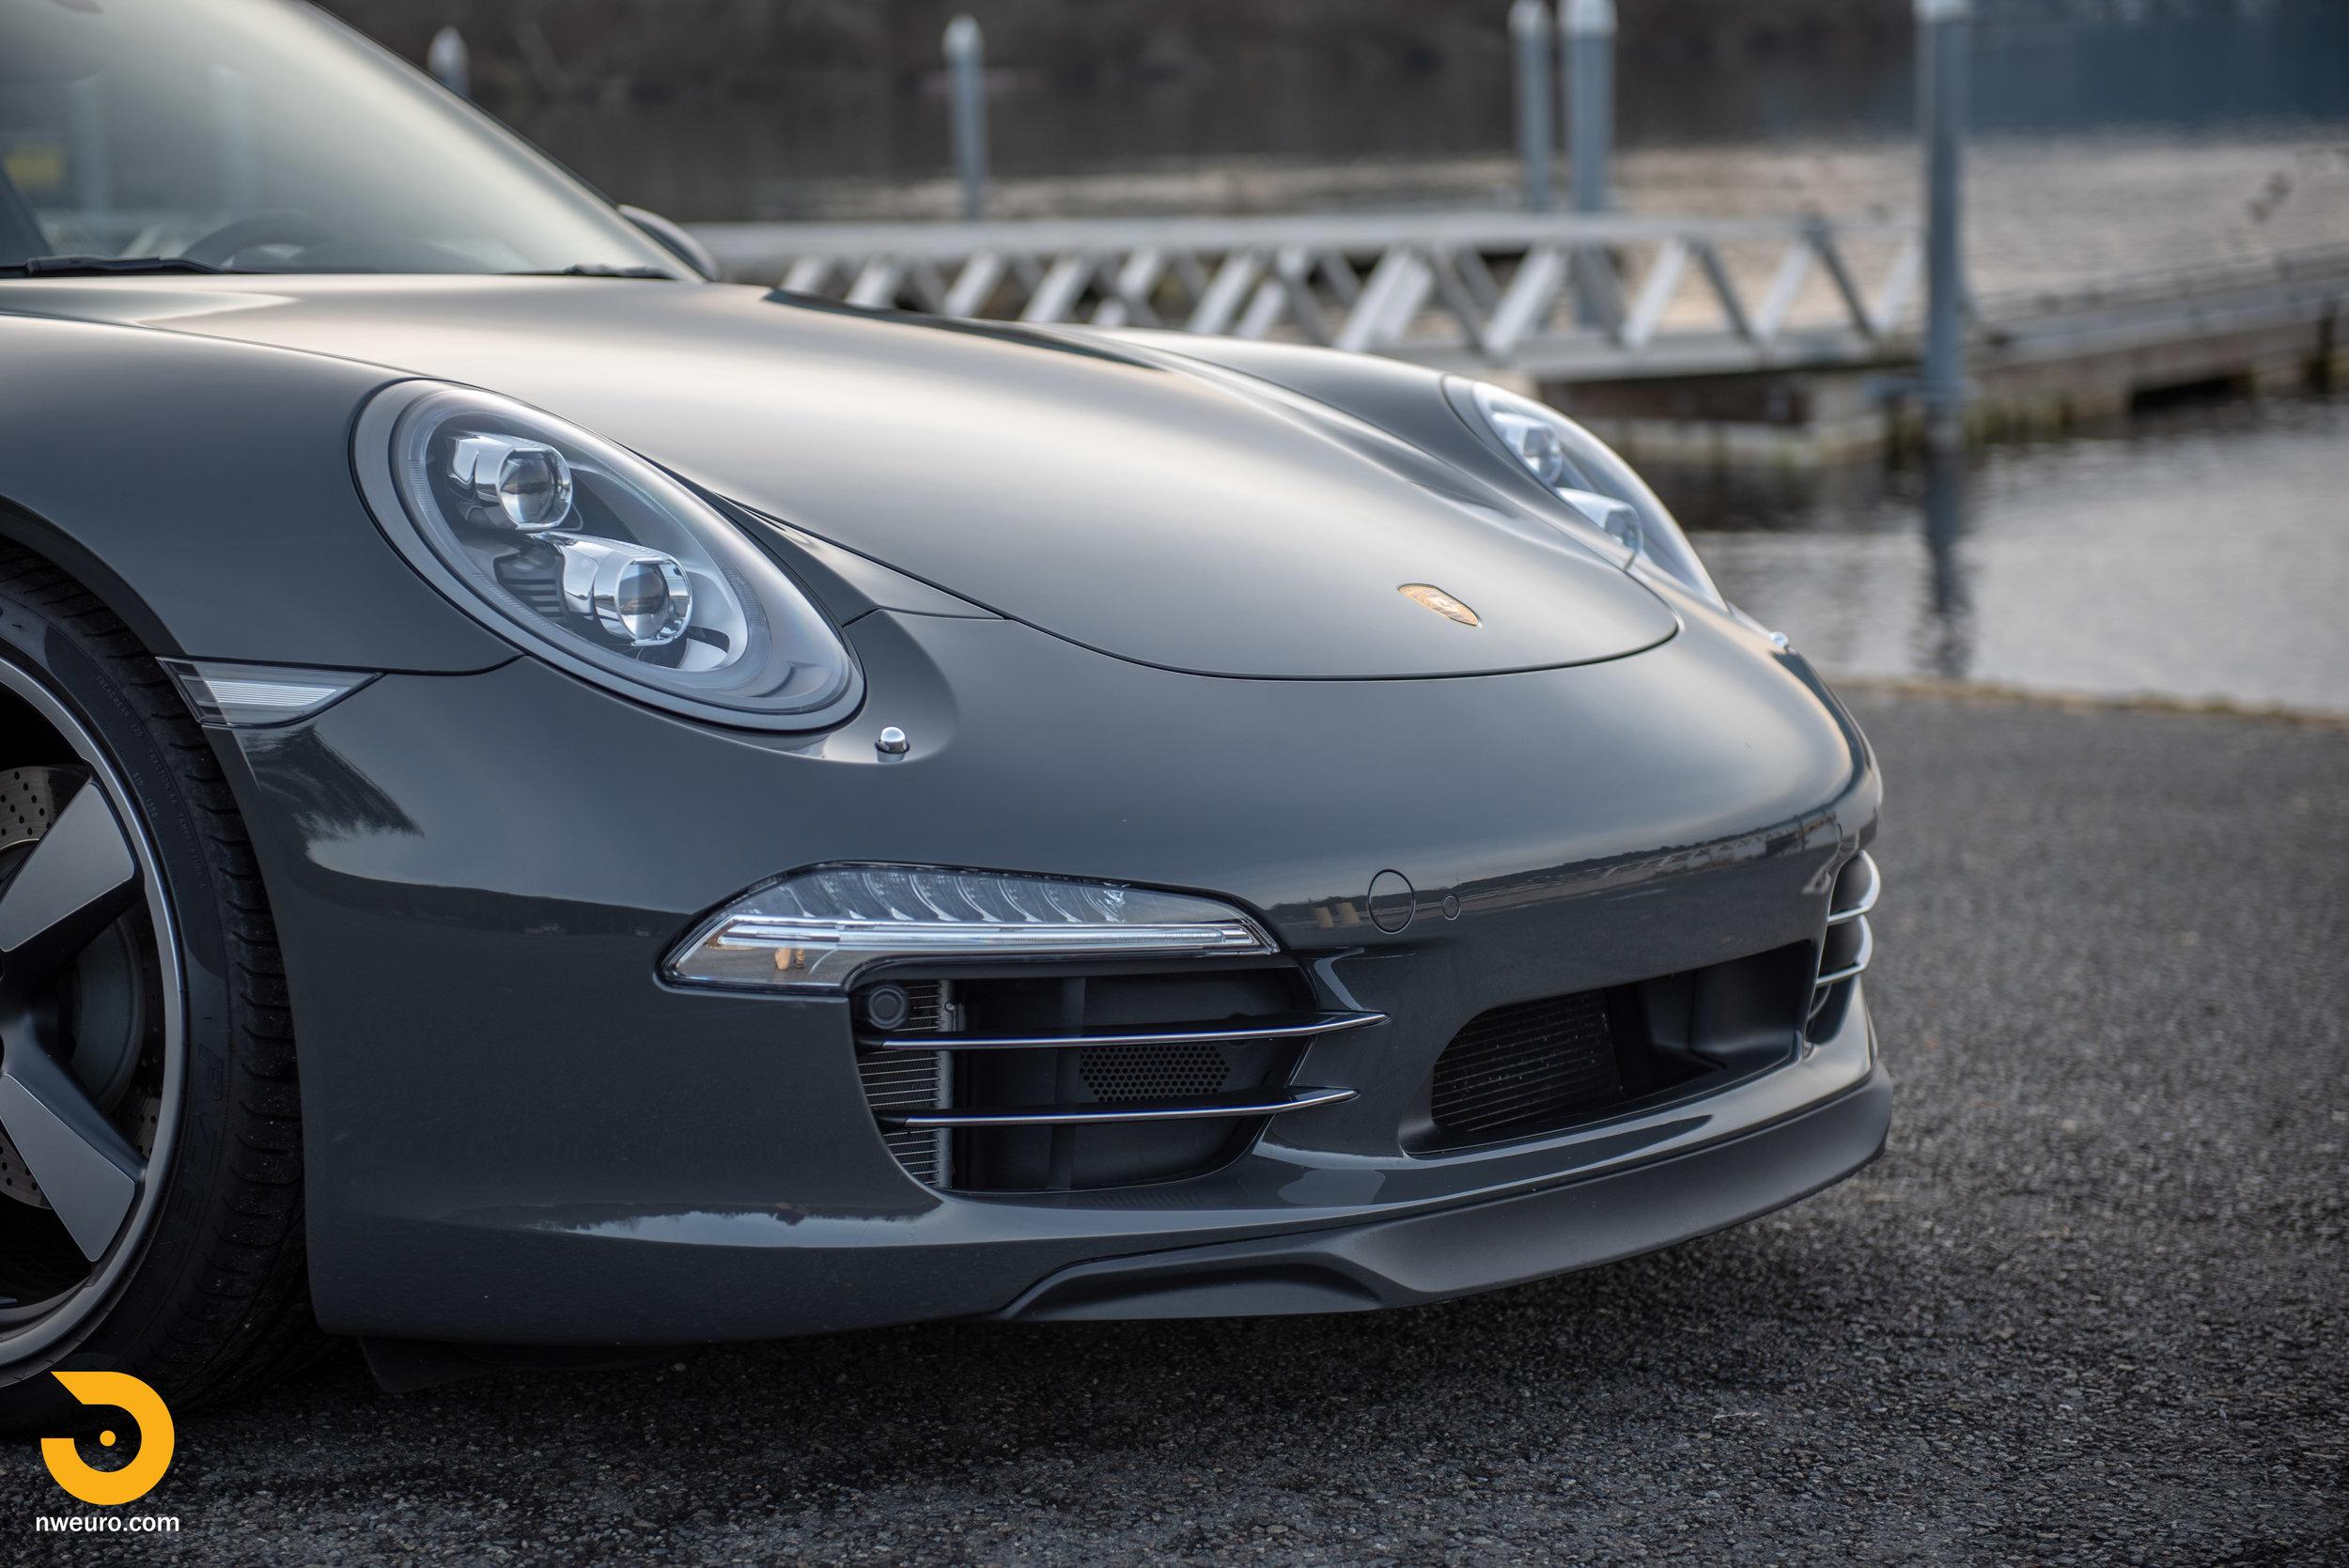 2014 Porsche 911 50th Anniversary Edition-49.jpg